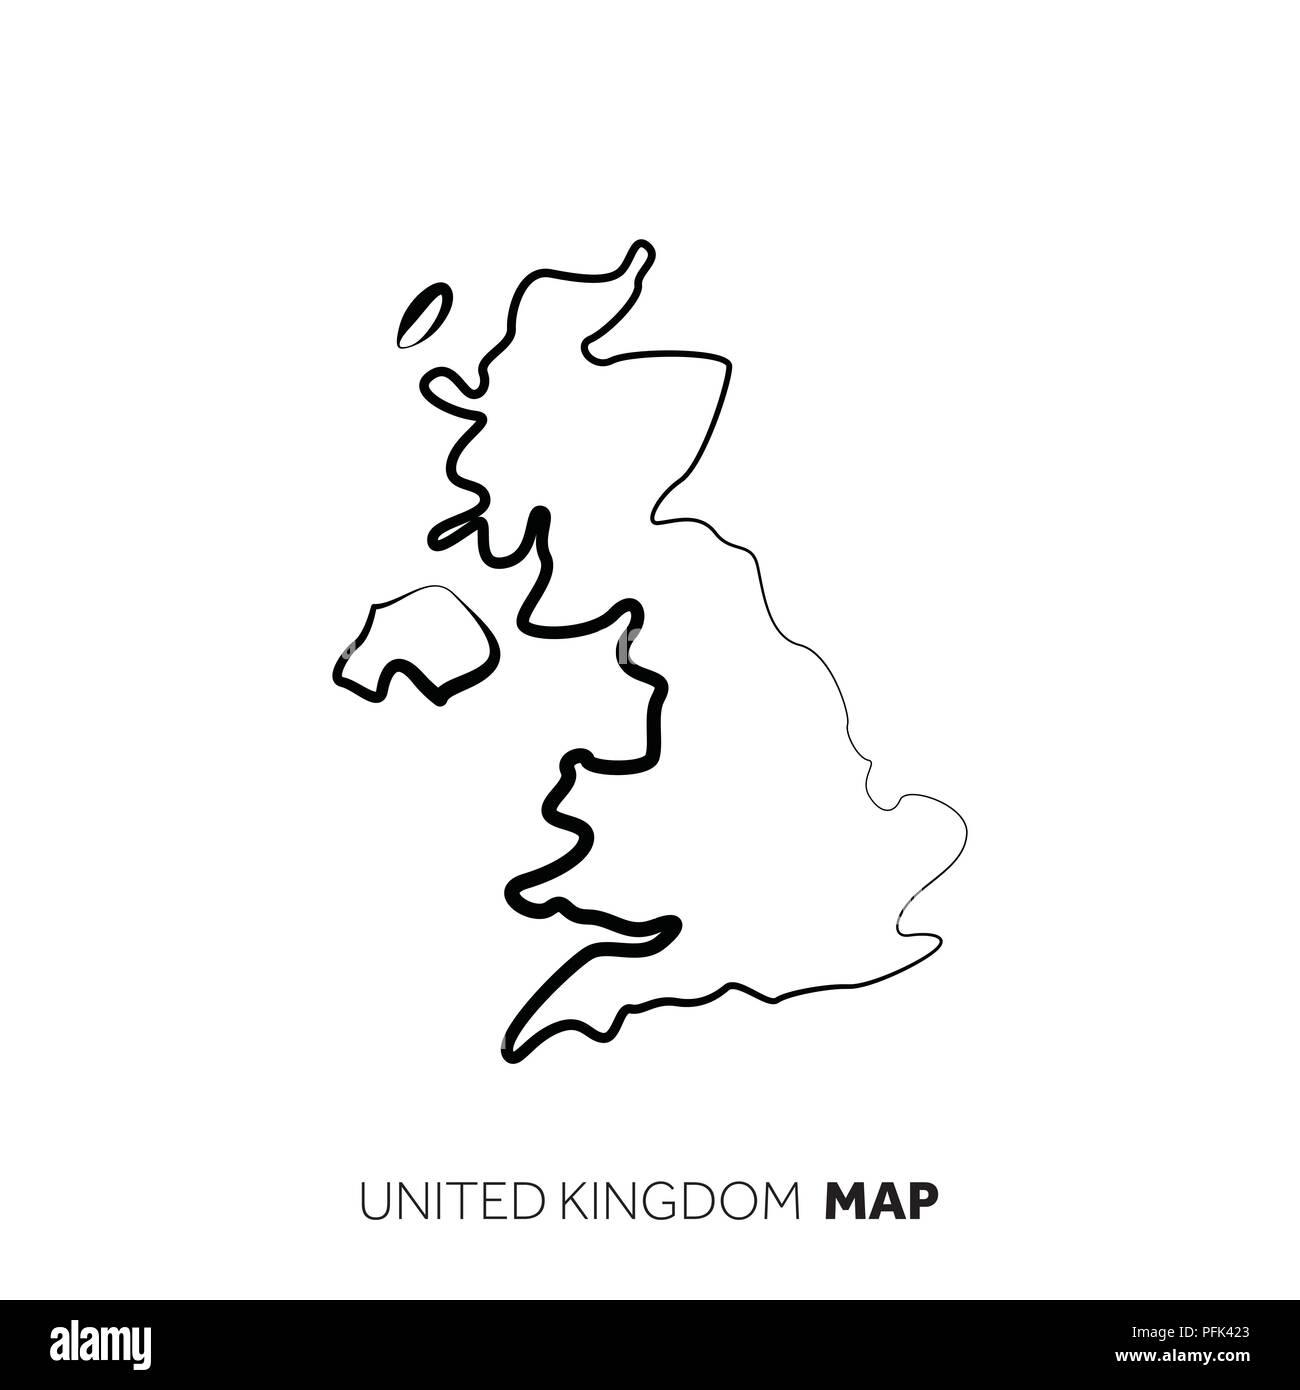 Carte Royaume Uni Noir Et Blanc.Royaume Uni Vector Carte Pays Contour Ligne Noire Sur Fond